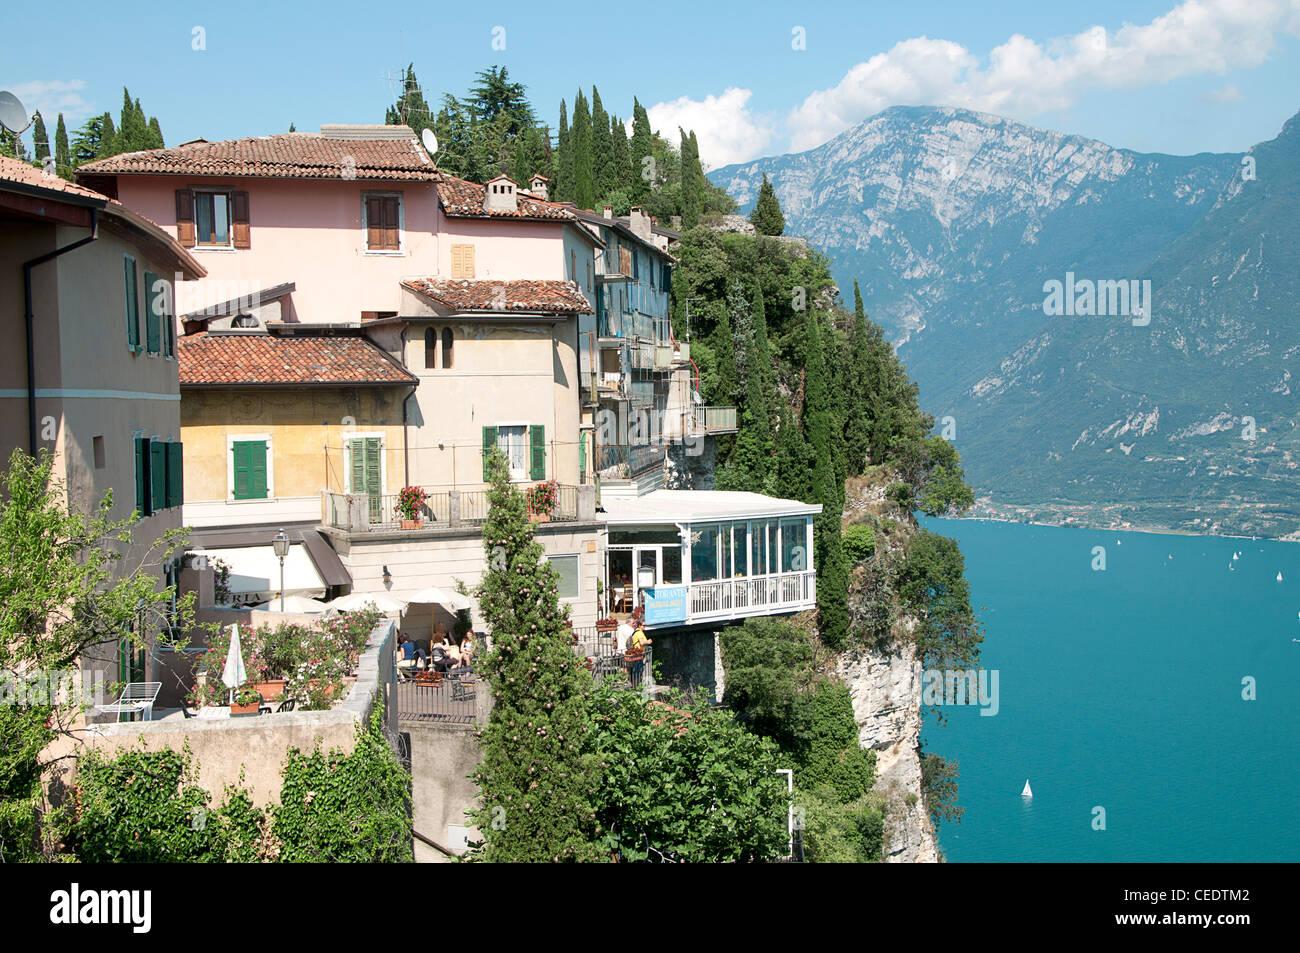 Italy Lombardy Lake Garda Pieve di Tremosine houses